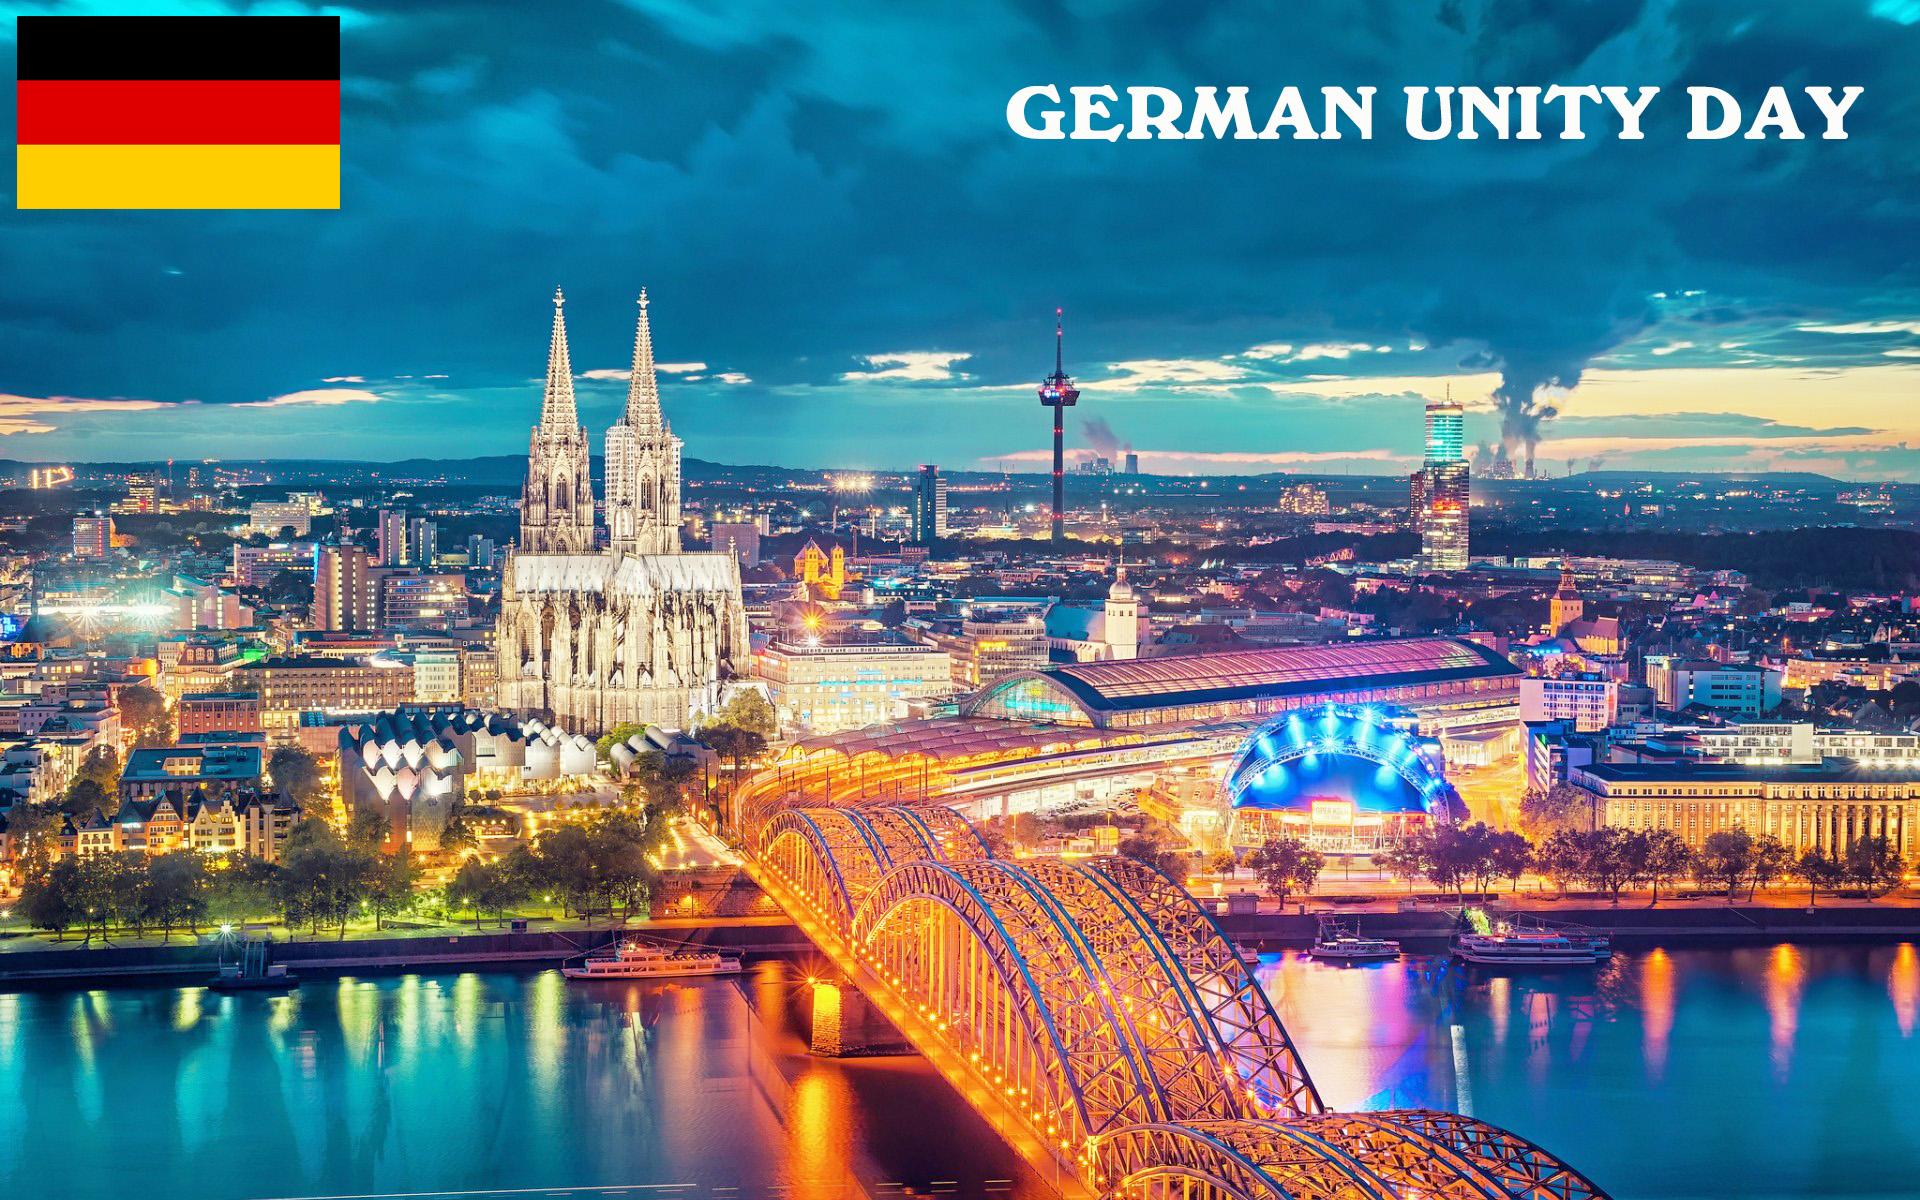 Dịch vụ gửi hàng xách tay từ Việt Nam đi Đức nhanh chóng